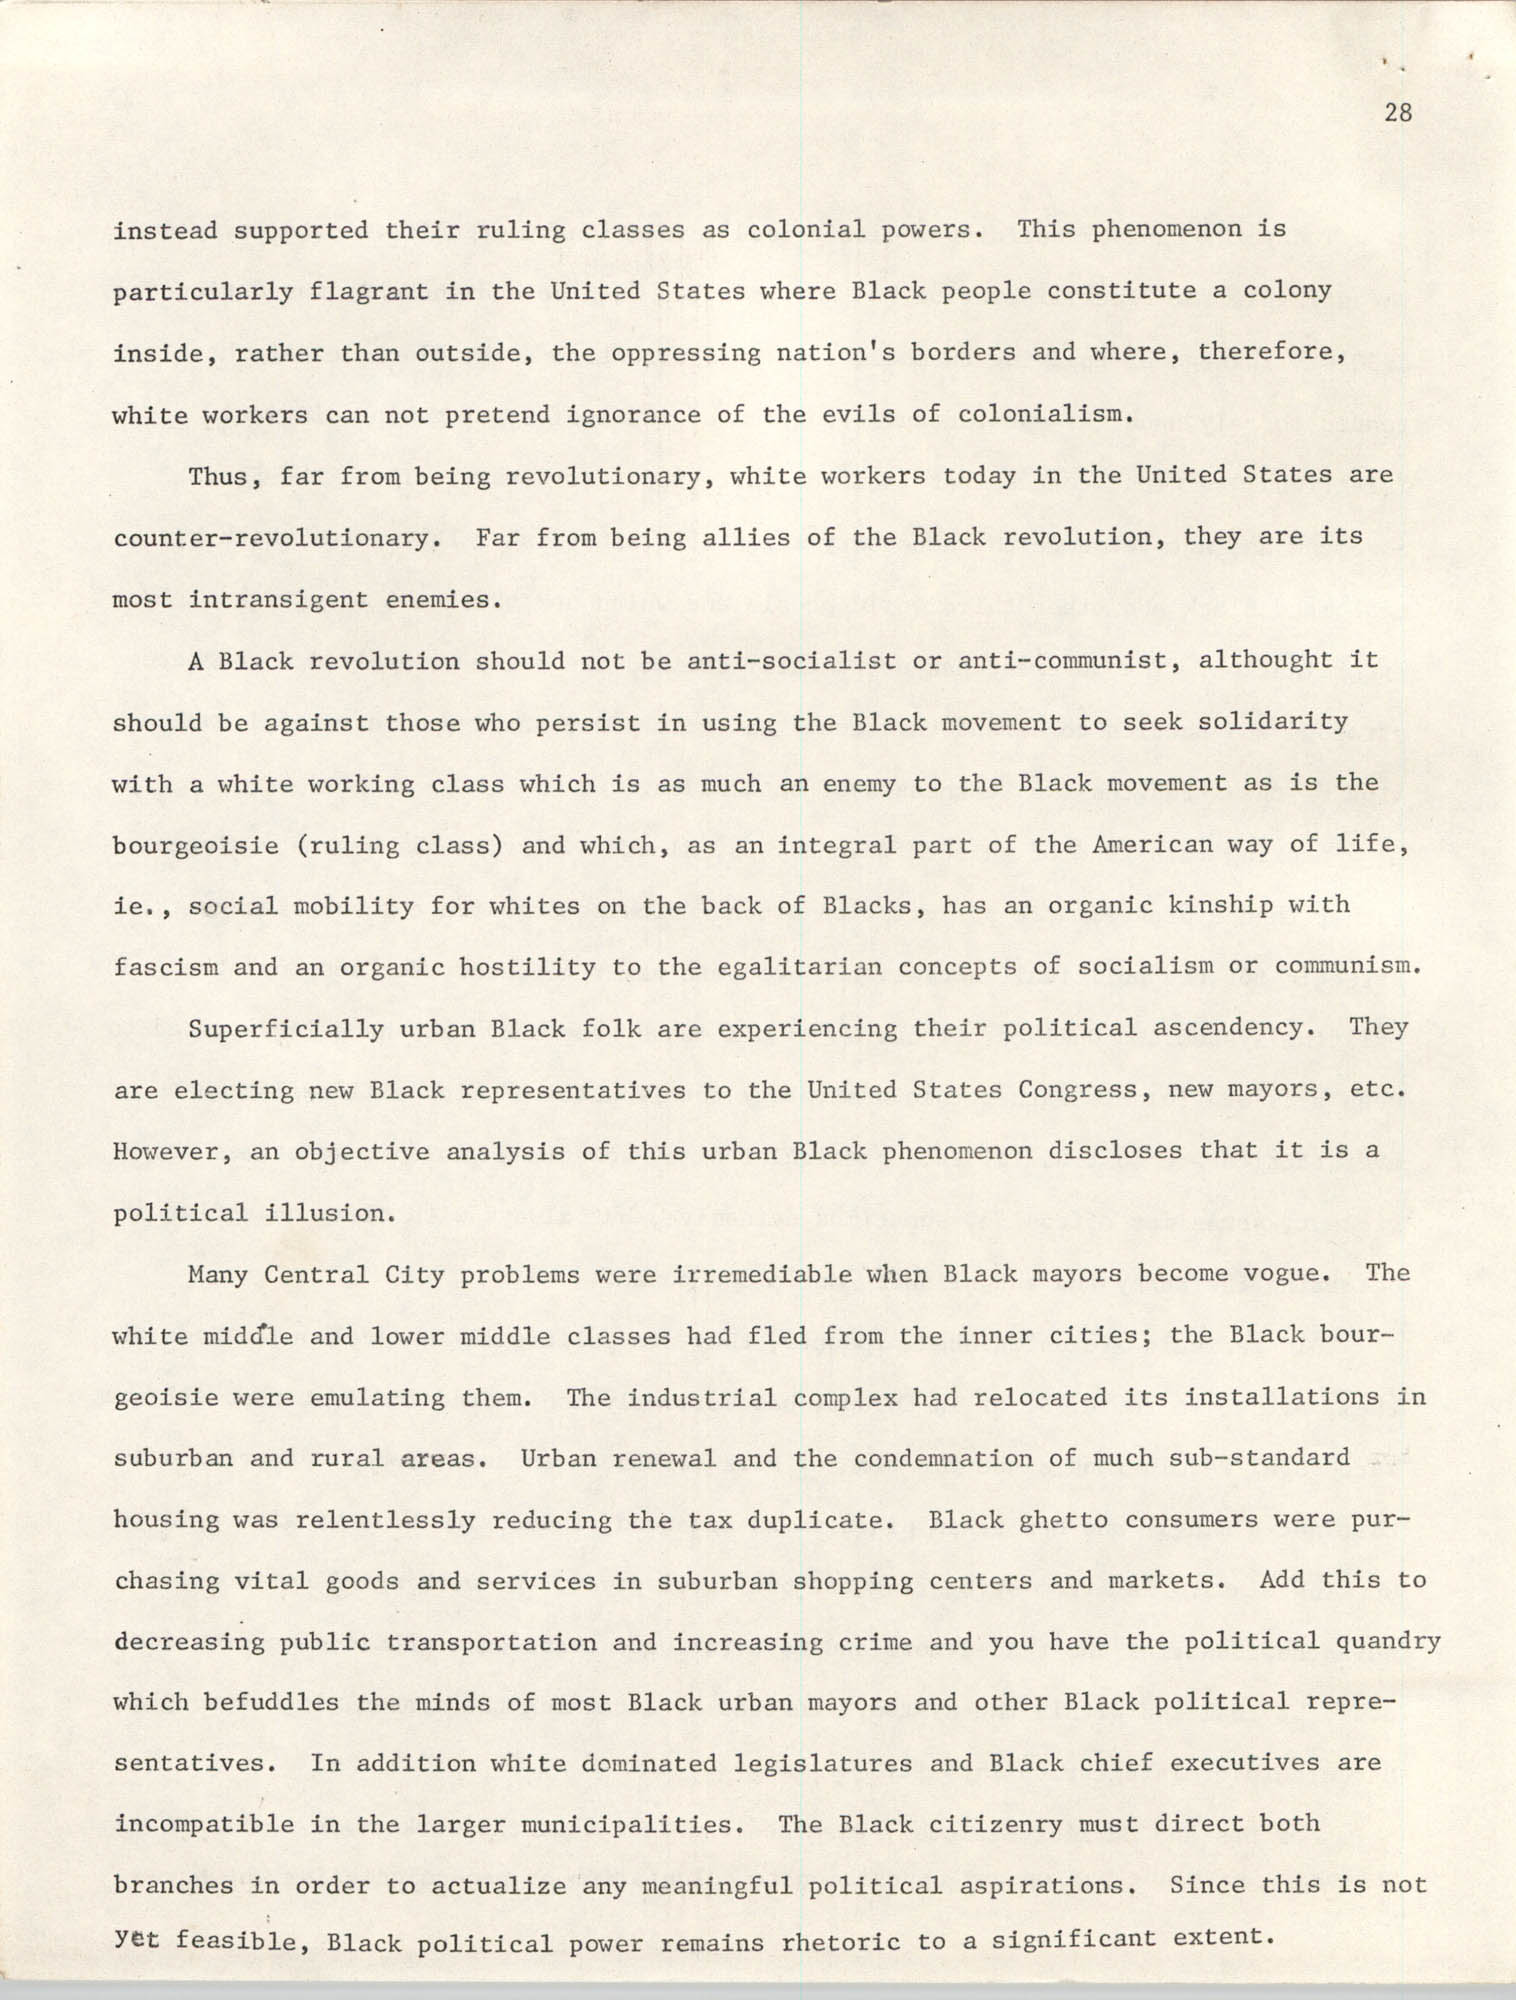 SHARE, Volume I, Number 8, April 1973, Page 28